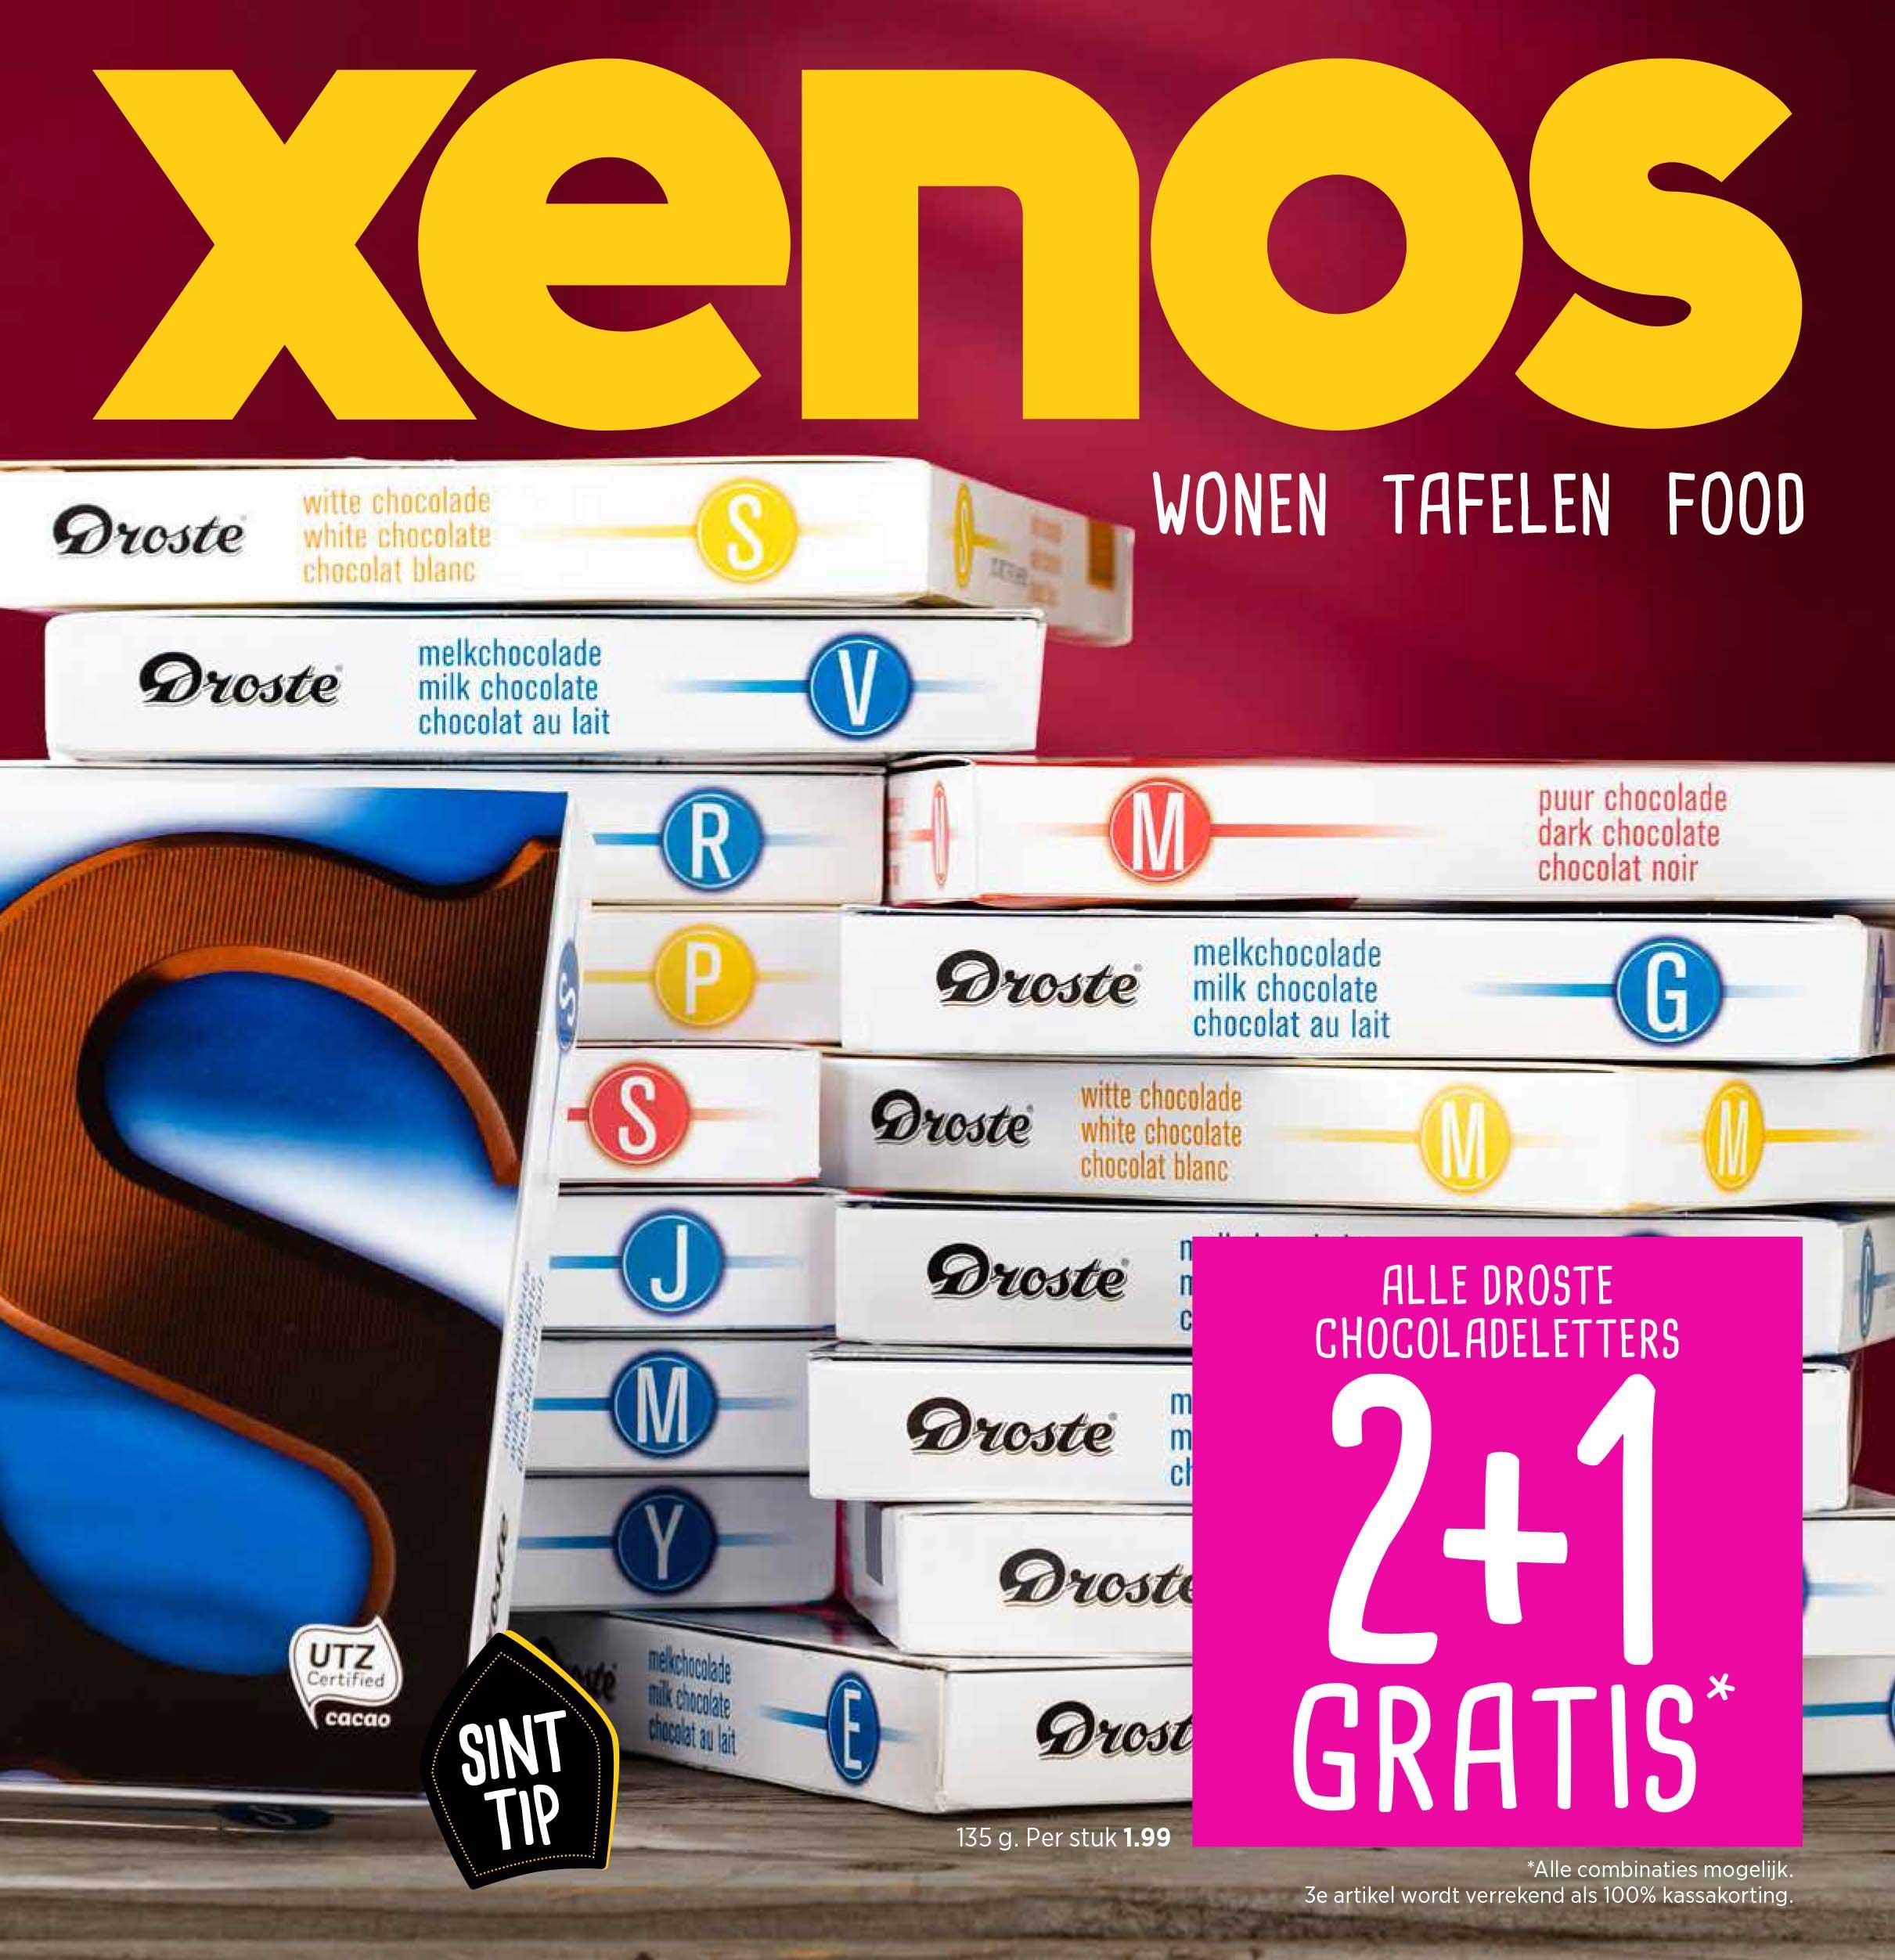 Xenos Alle Droste Chocoladeletters: 2+1 Gratis